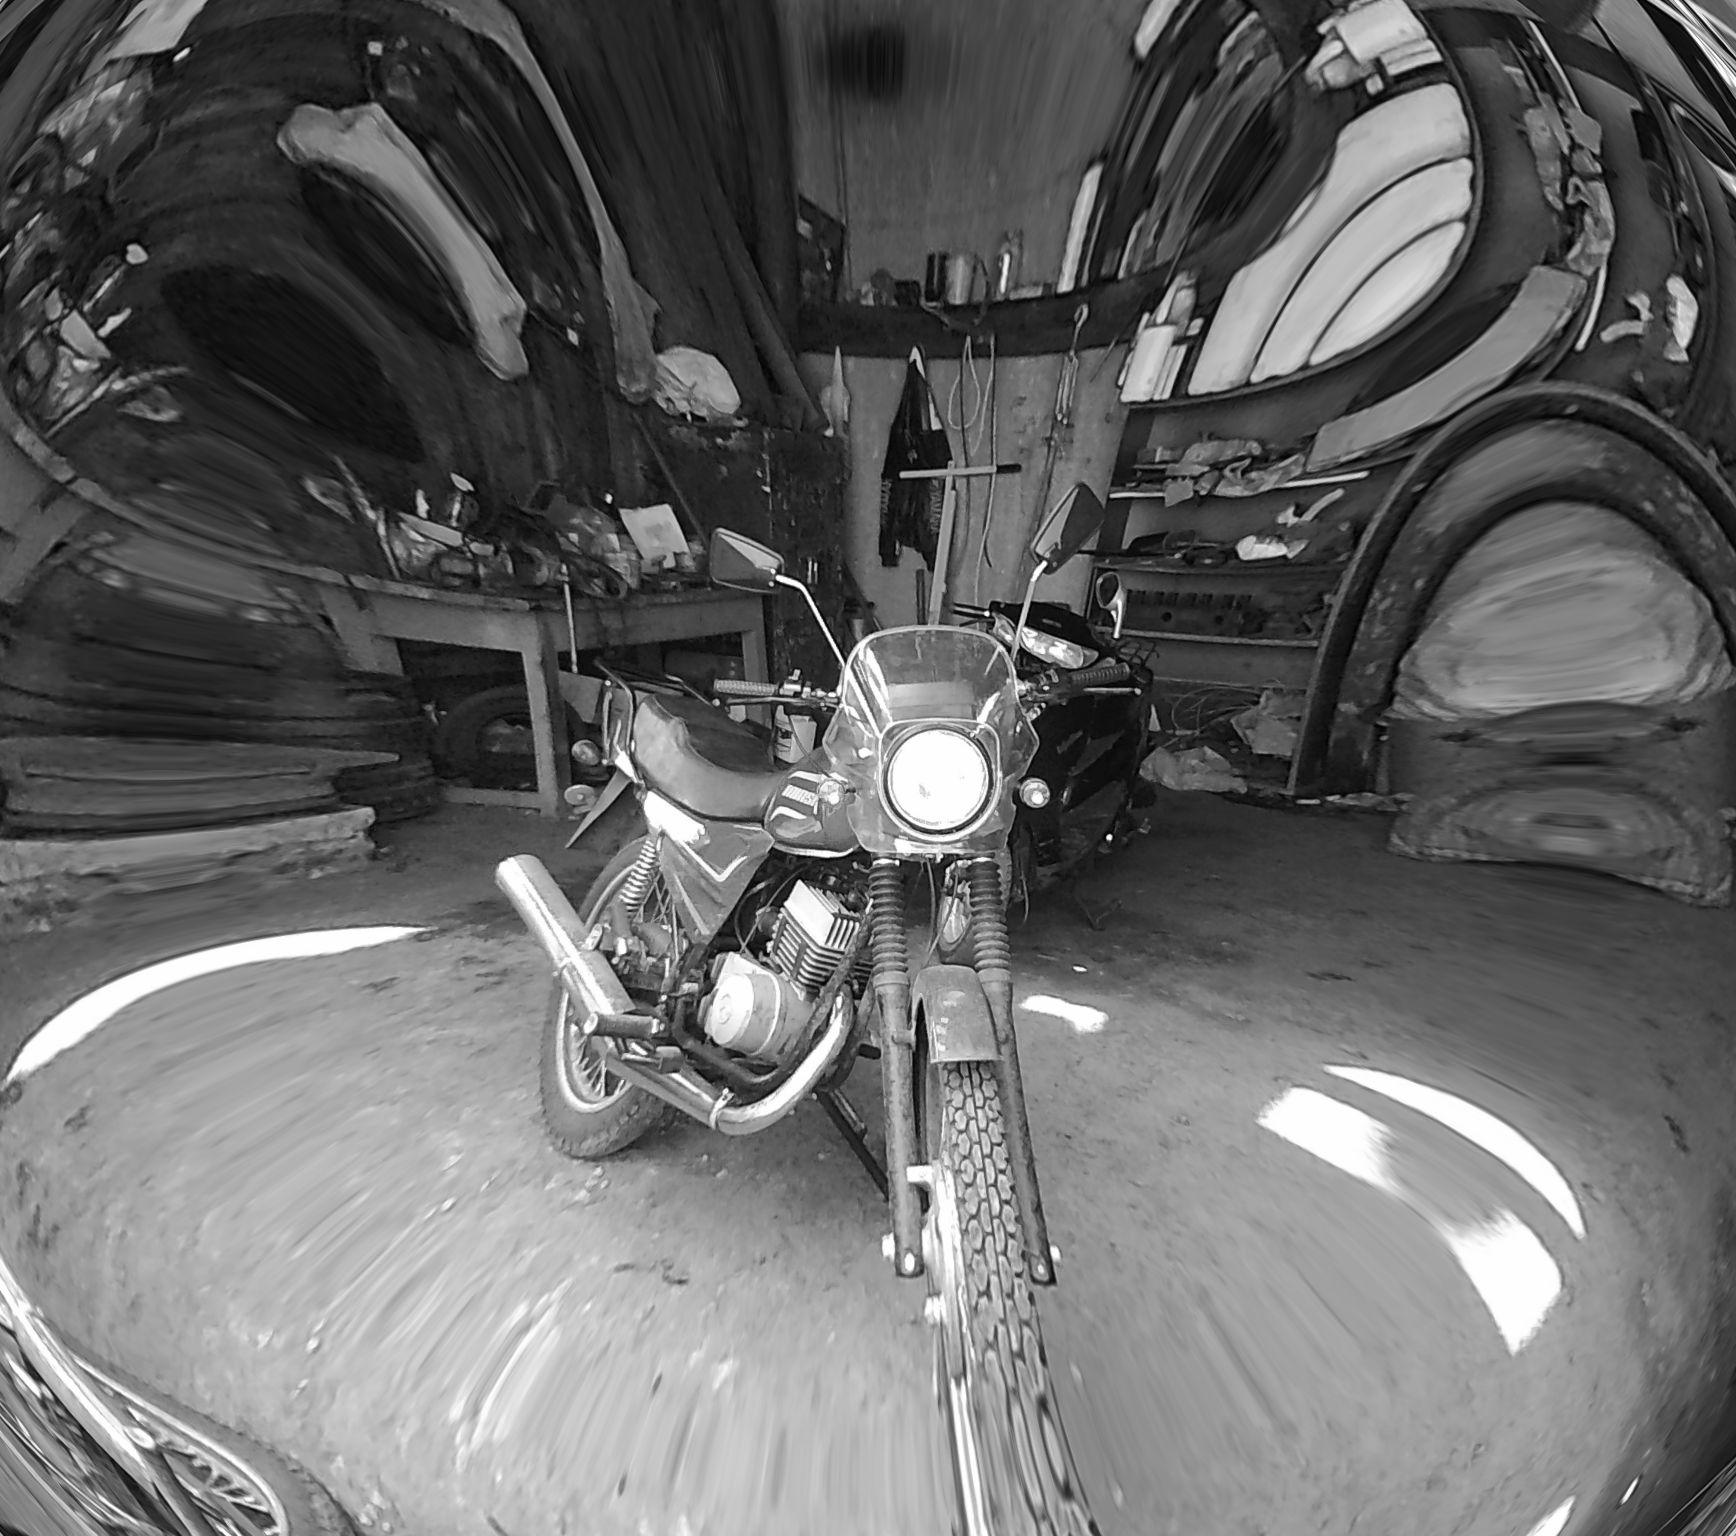 Мотоцикл минск c 125 мой извозчик